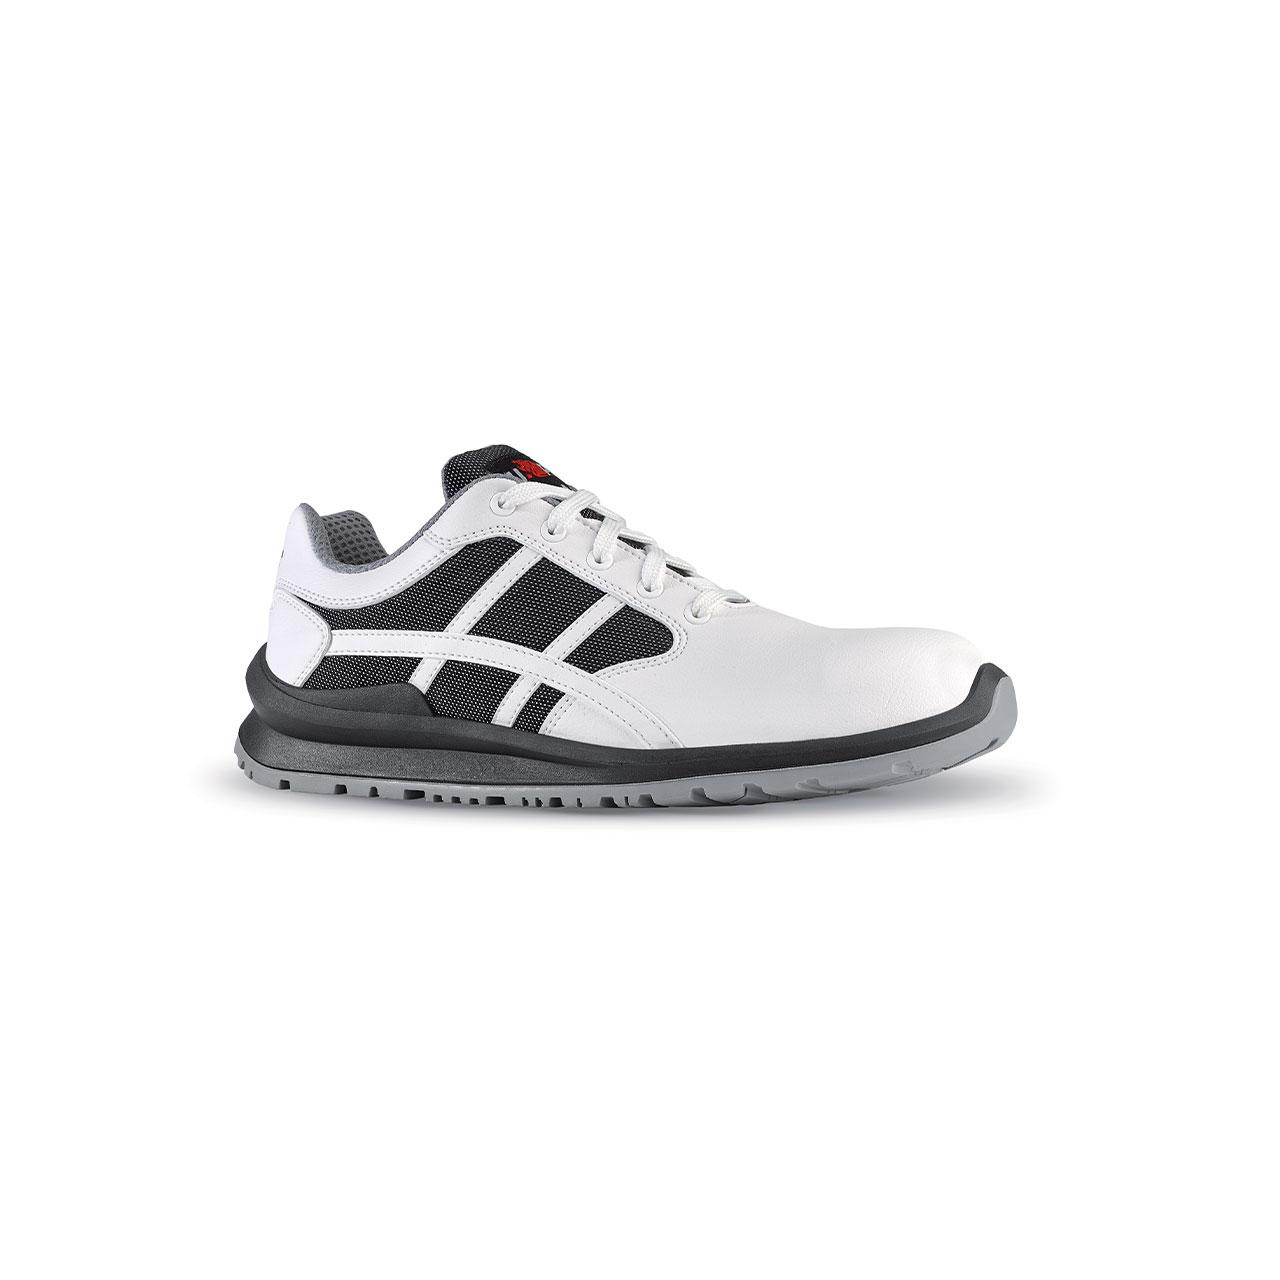 scarpa antinfortunistica upower modello mika linea flatout vista laterale